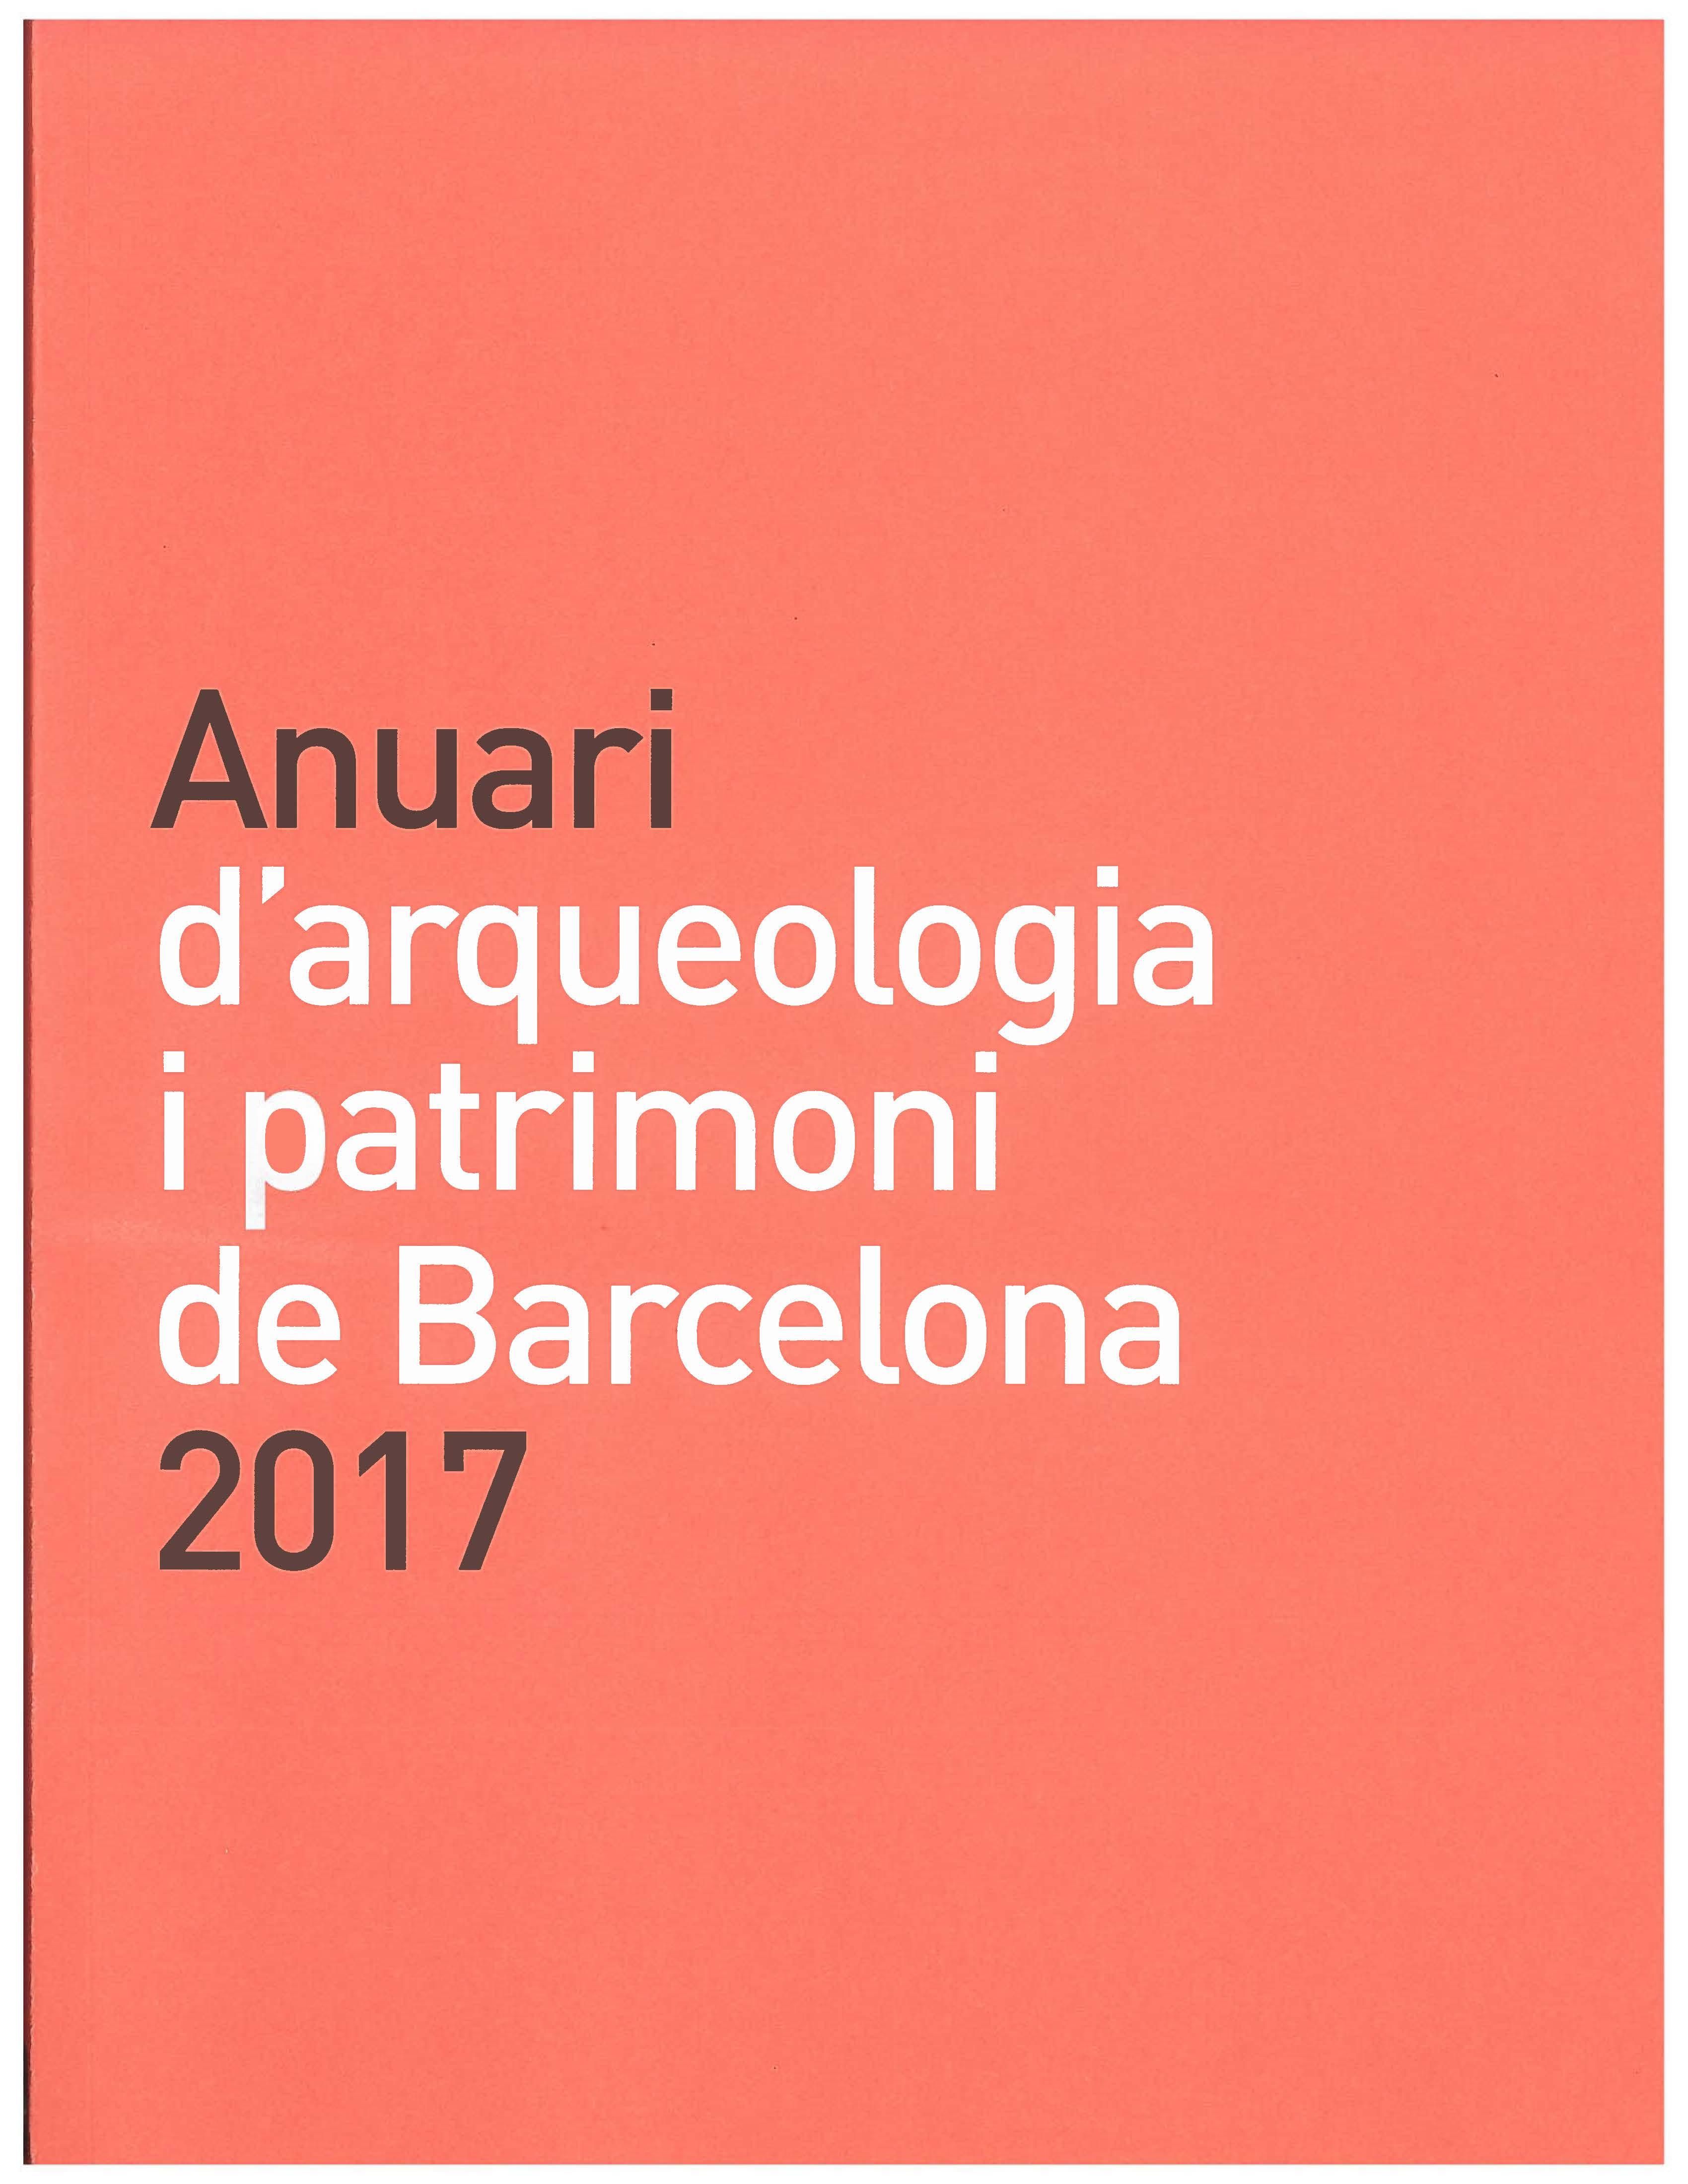 Anuari d'Arqueologia i Patrimoni de Barcelona 2017